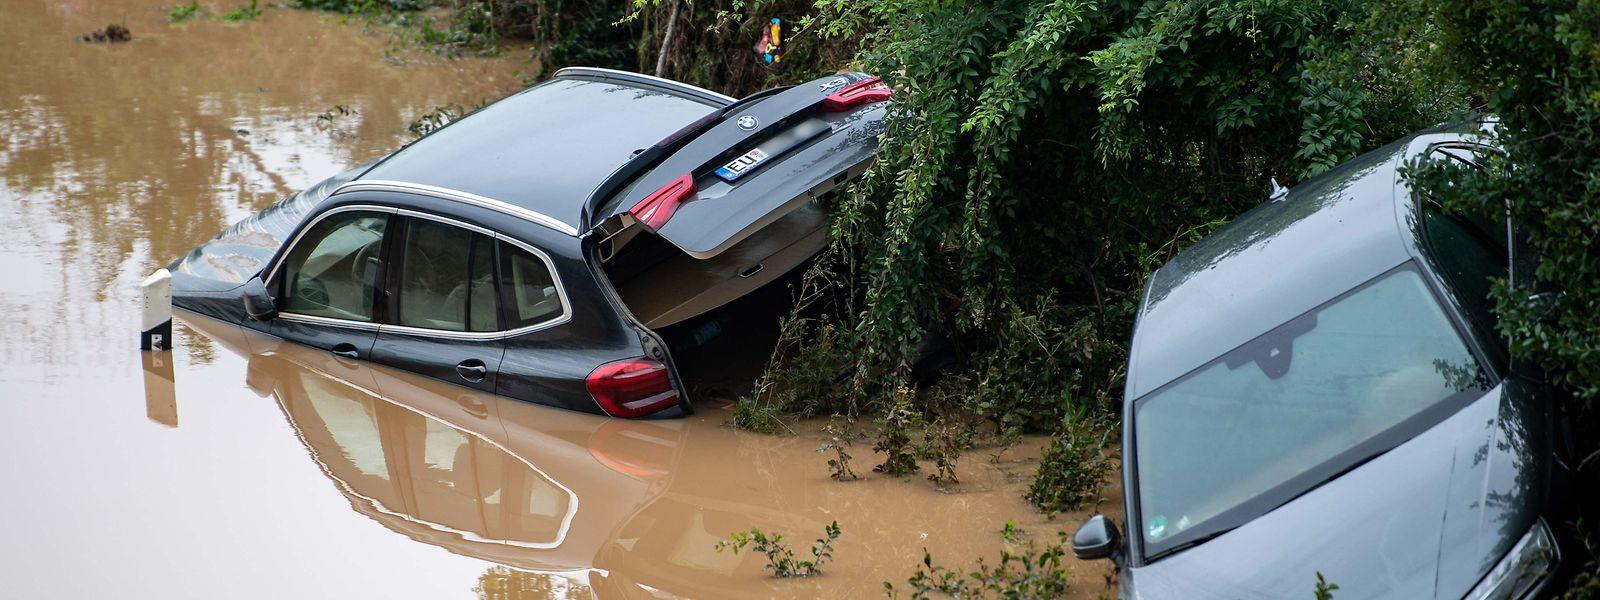 Diejenigen, die schon immer gesagt haben, das Haus werde bald unter Wasser stehen, hatten recht.